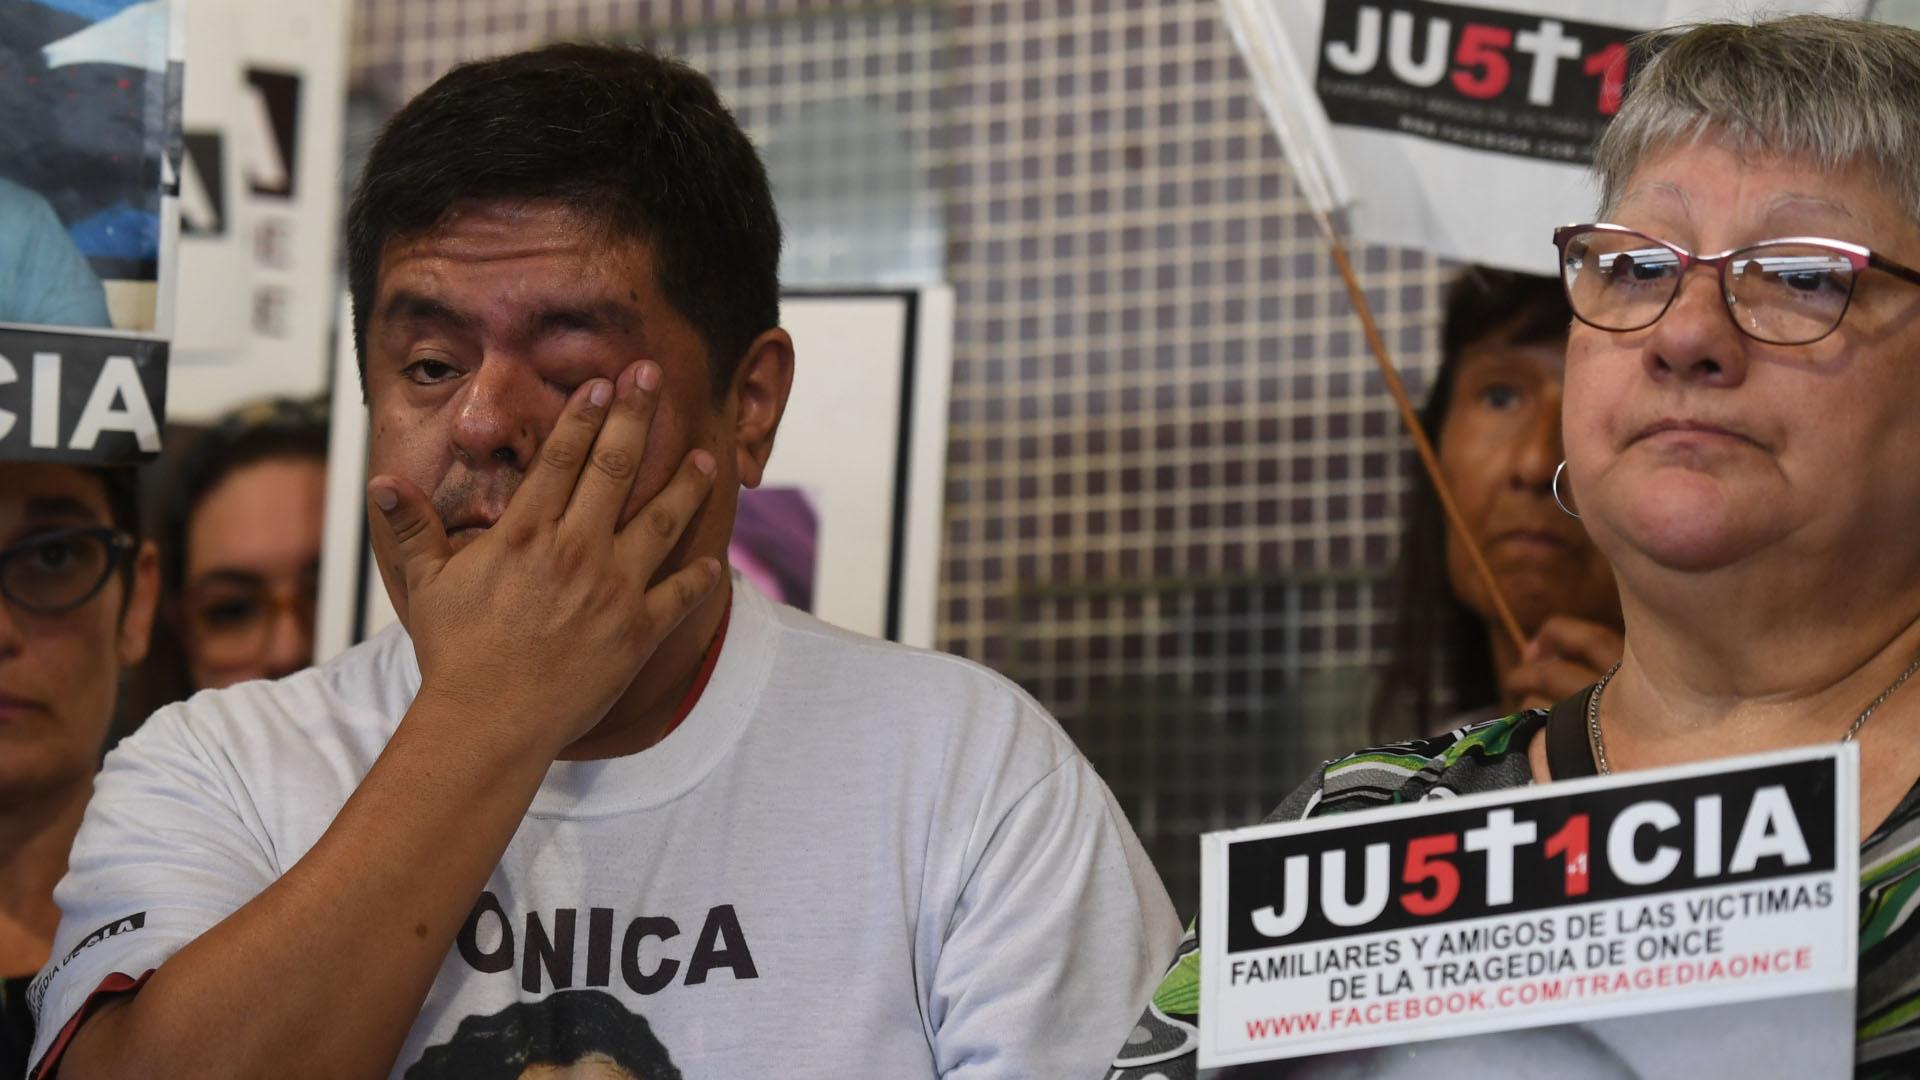 Tras el proceso judicial, que comenzó en 2012, fueron juzgadas y condenadas cinco personas, entre ellas los tres ex funcionarios Ricardo Jaime, Juan Pablo Schiavi y Julio De Vido